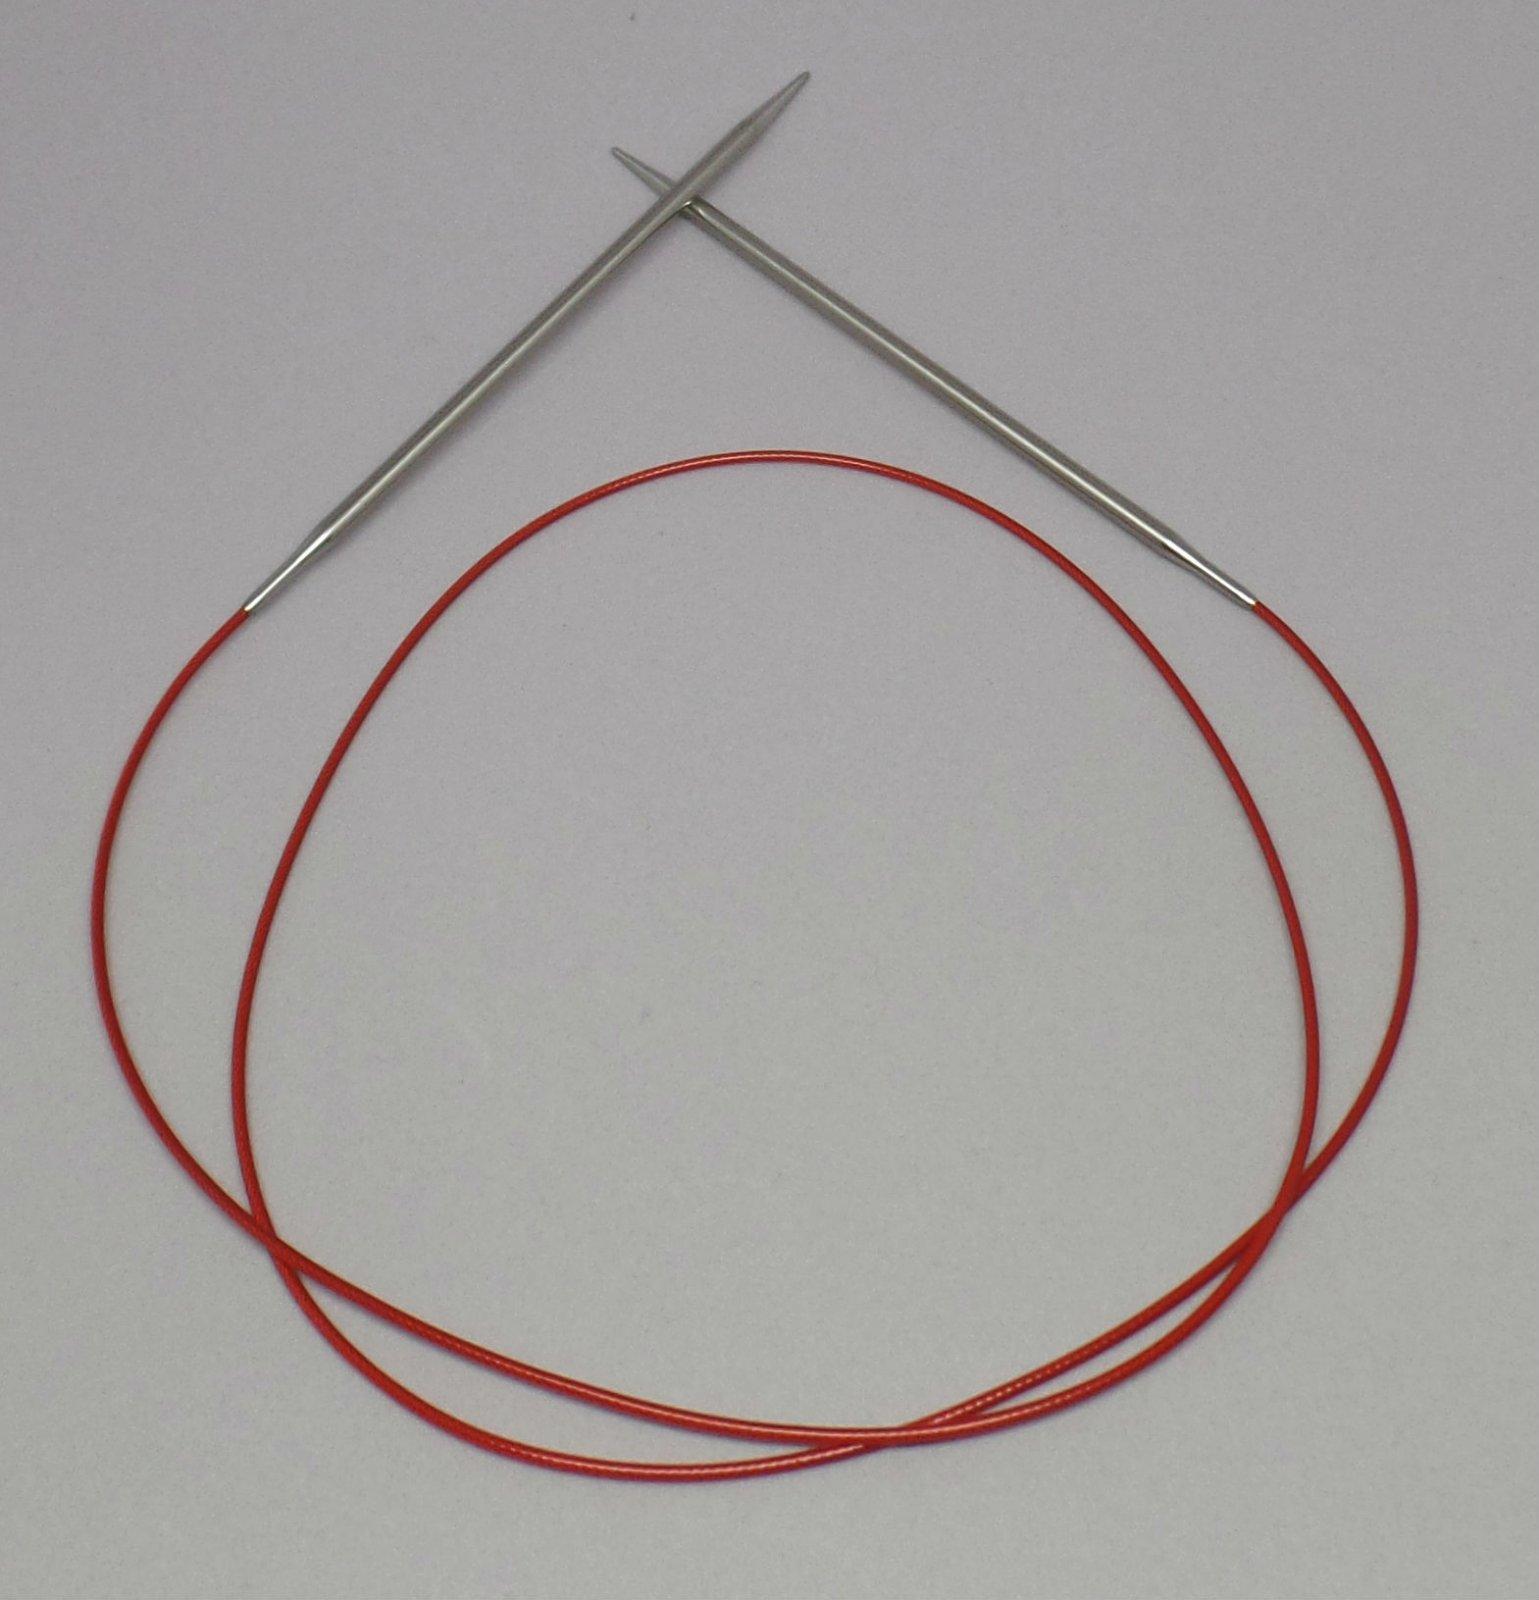 ChiaoGoo Red Lace Circular Needles (US 0-5)